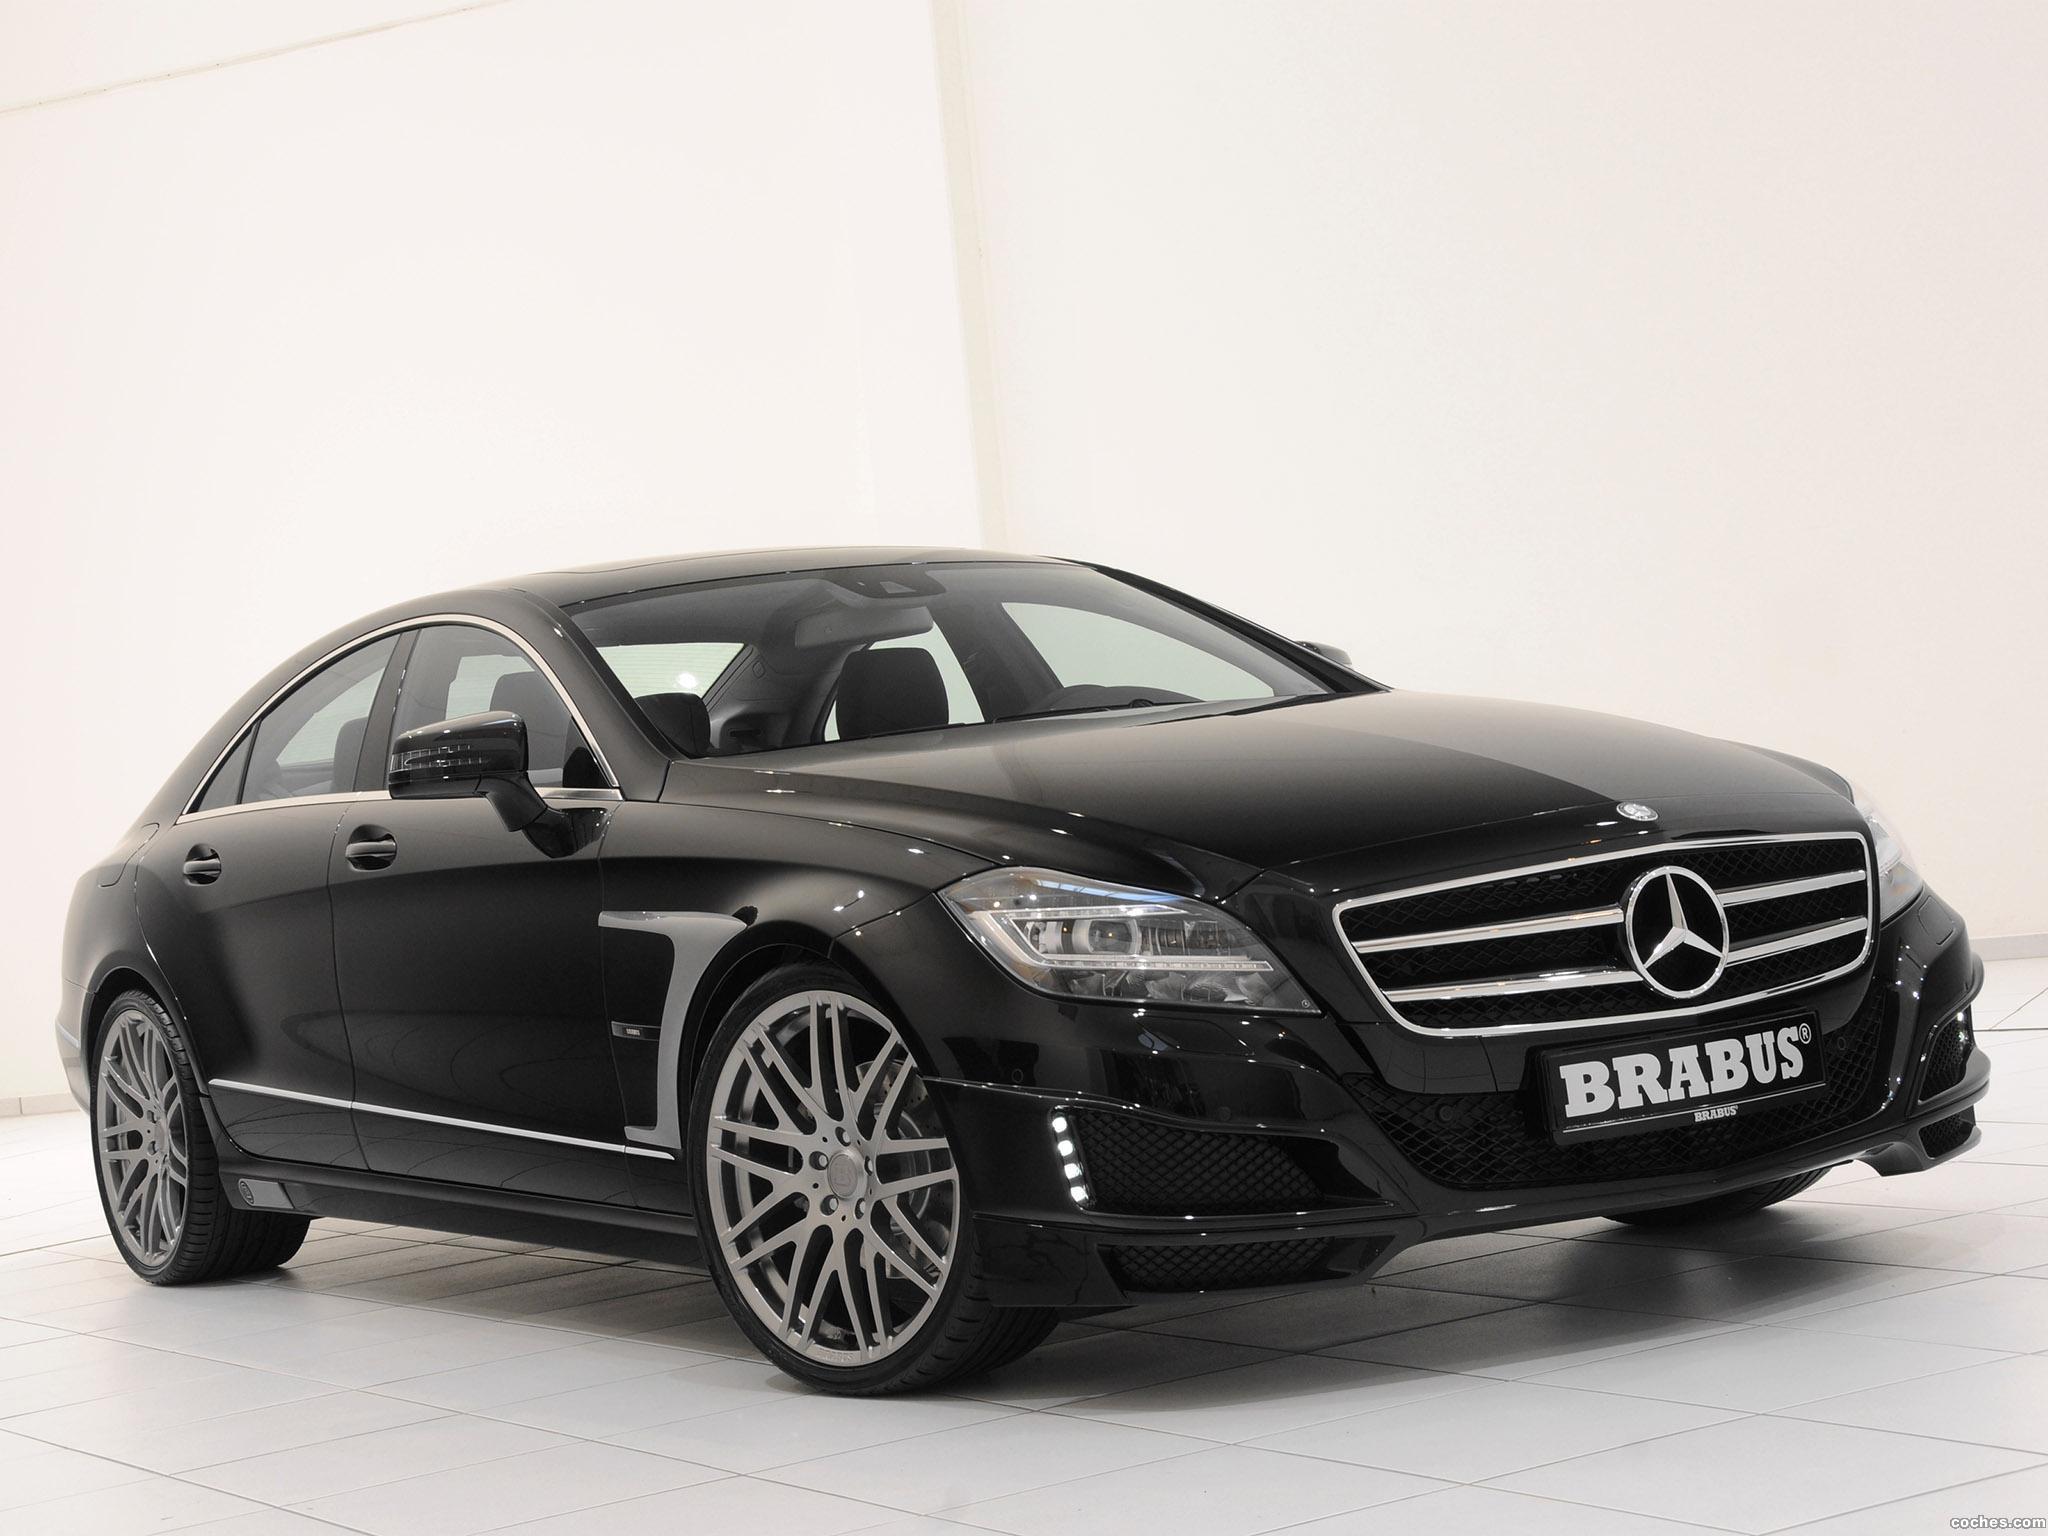 Foto 0 de Brabus Mercedes CLS 2011